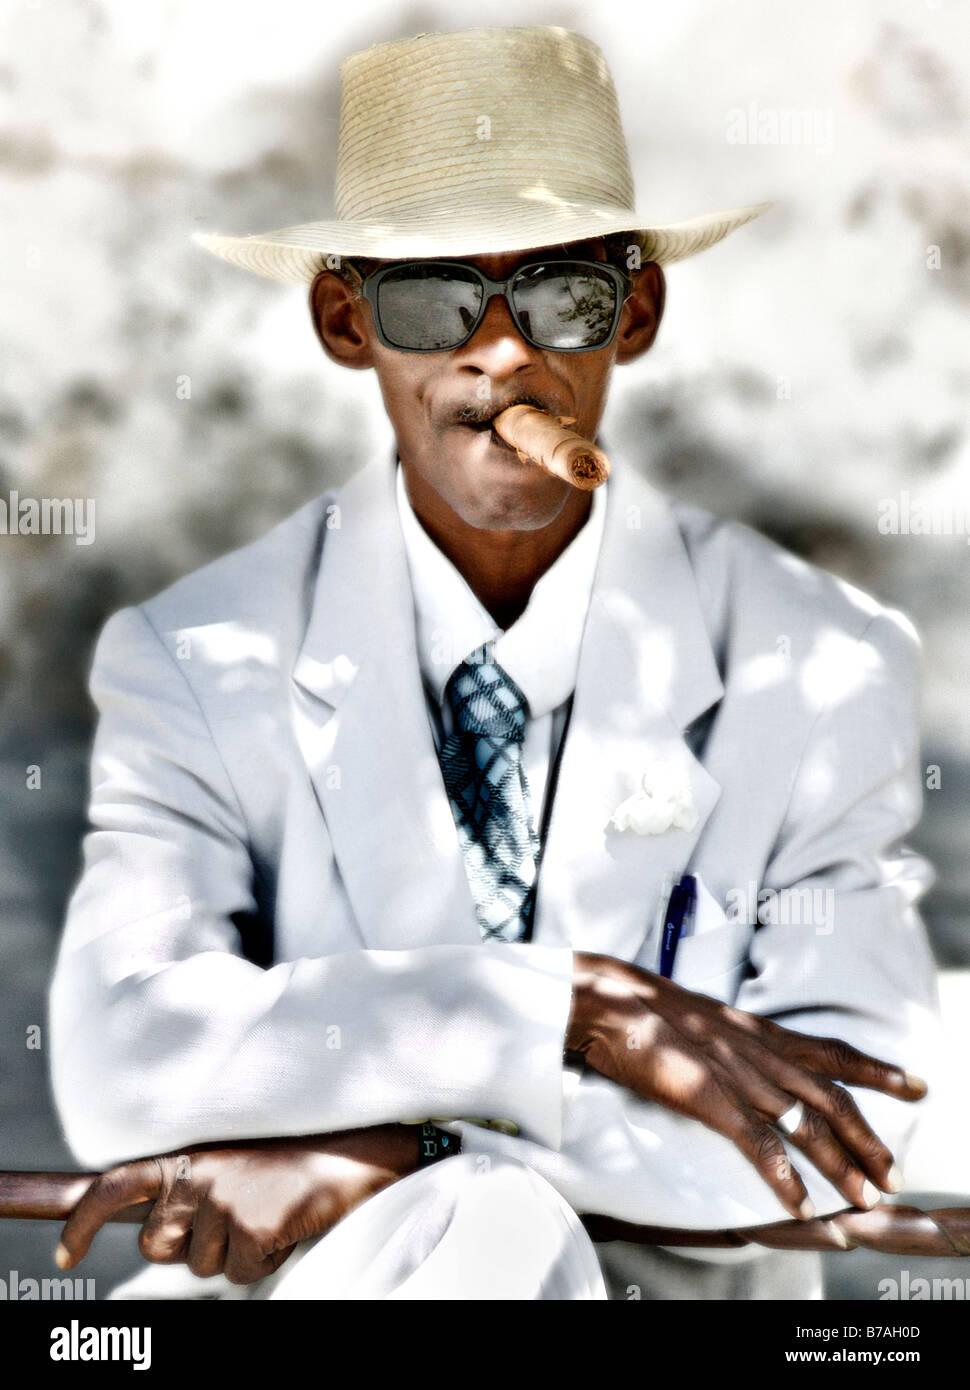 7e37d2fd2 Typical old Cuban man smoking cigar Stock Photo: 21745821 - Alamy